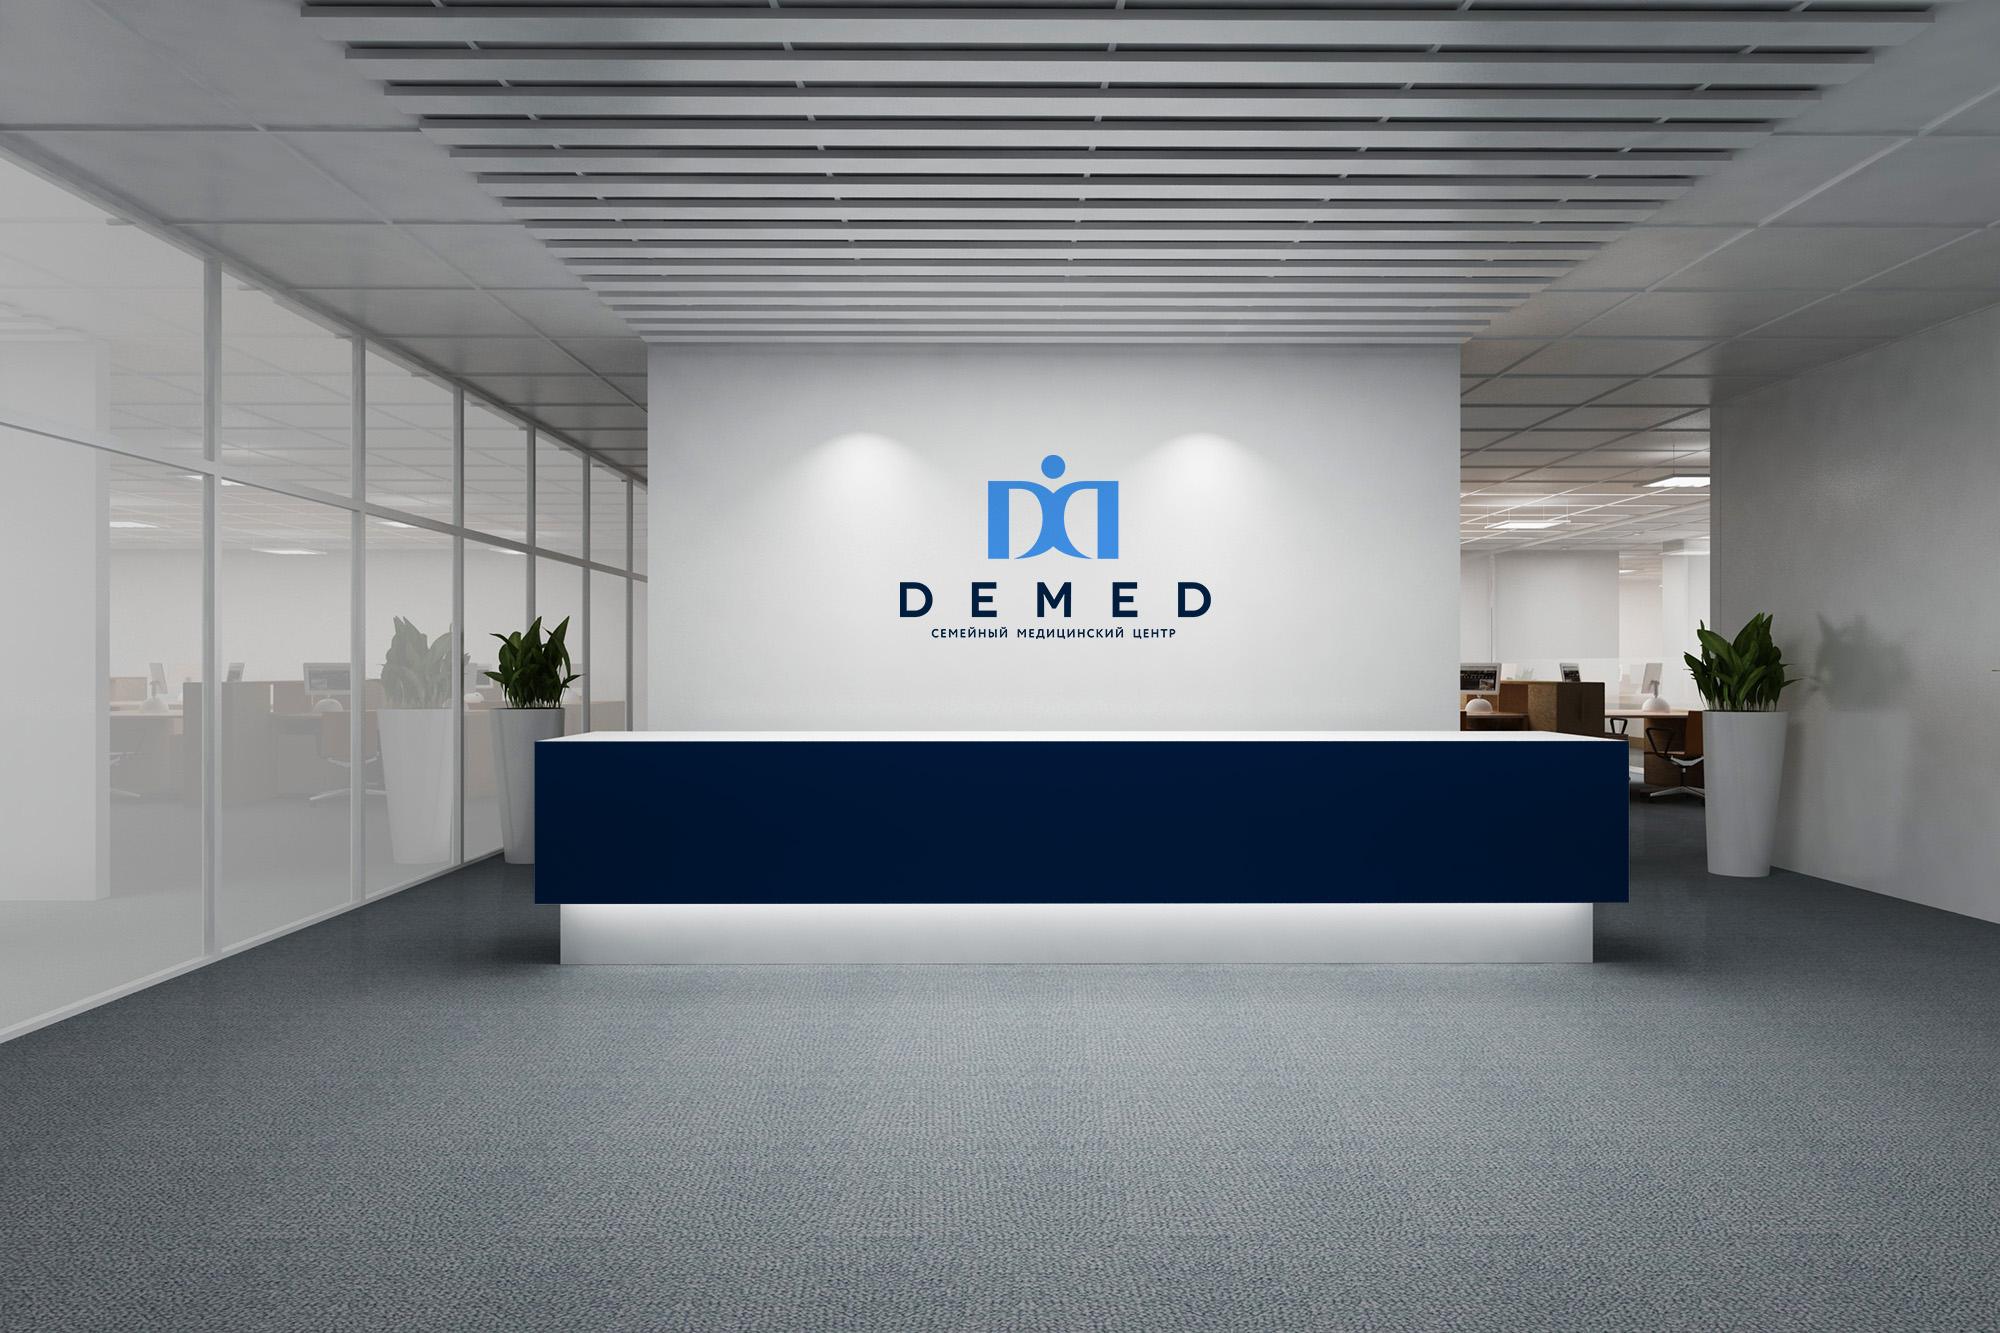 Логотип медицинского центра фото f_4225dc56d1a6ccc0.jpg